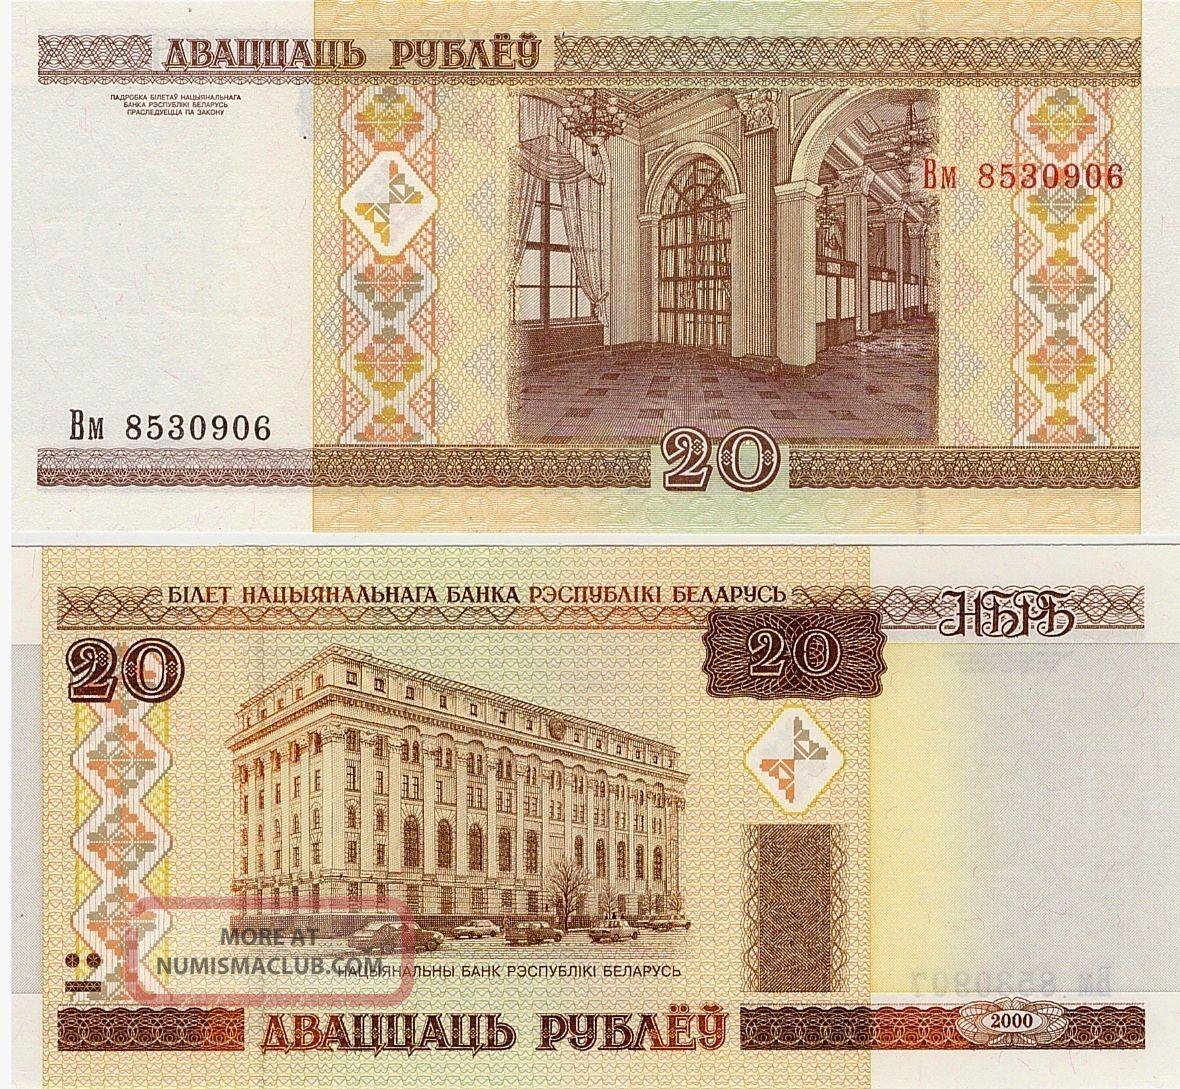 2000 г год беларусь стоимость банкнот бумажных